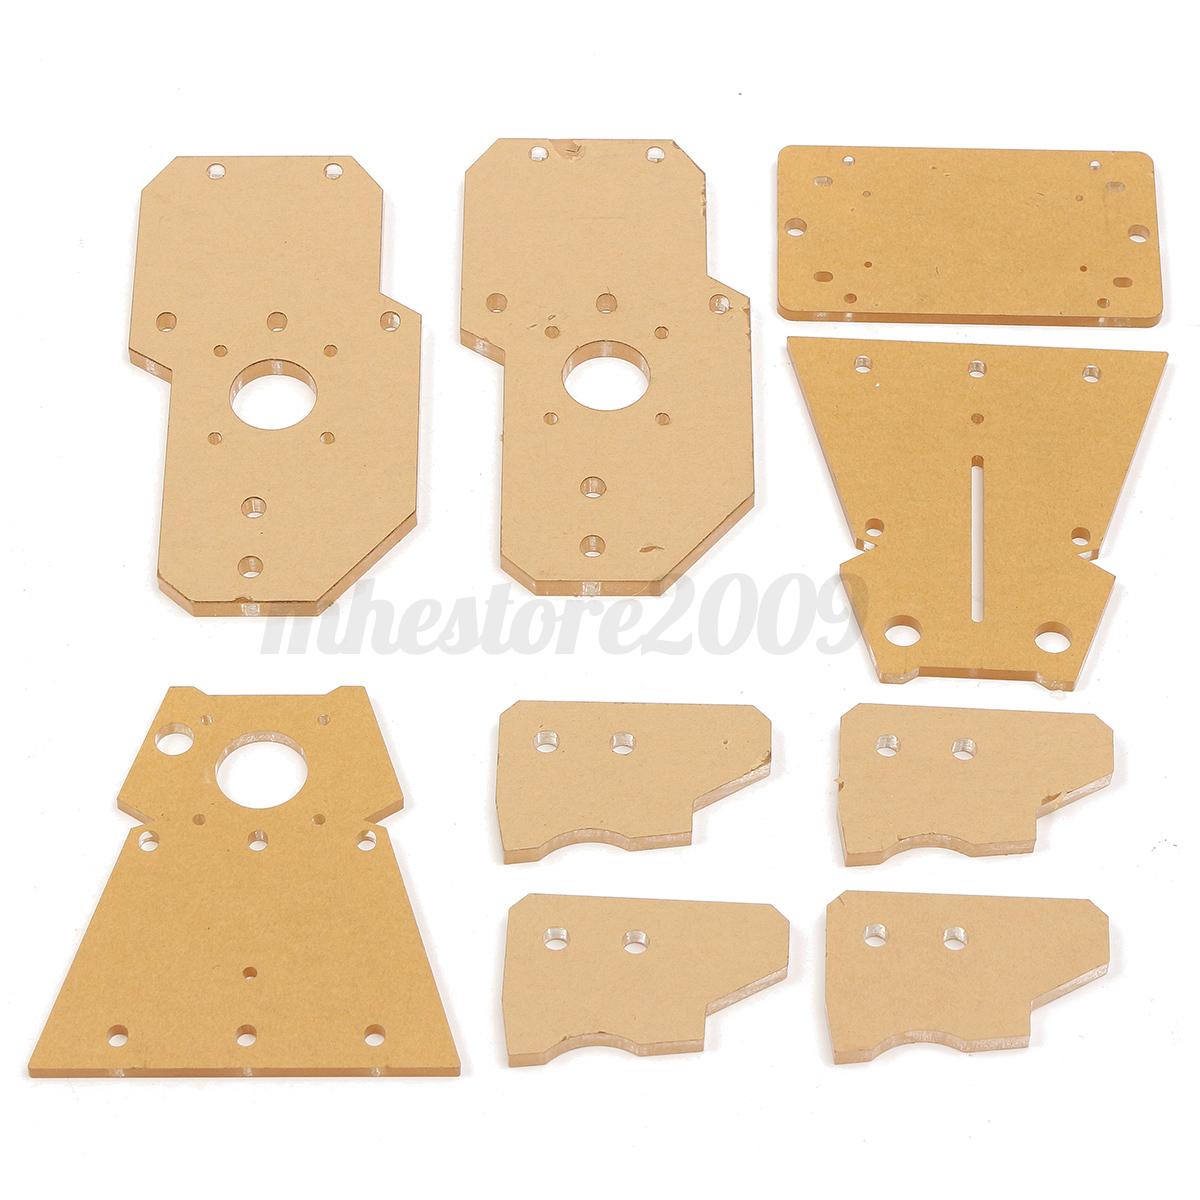 diy laser cutting machine kit